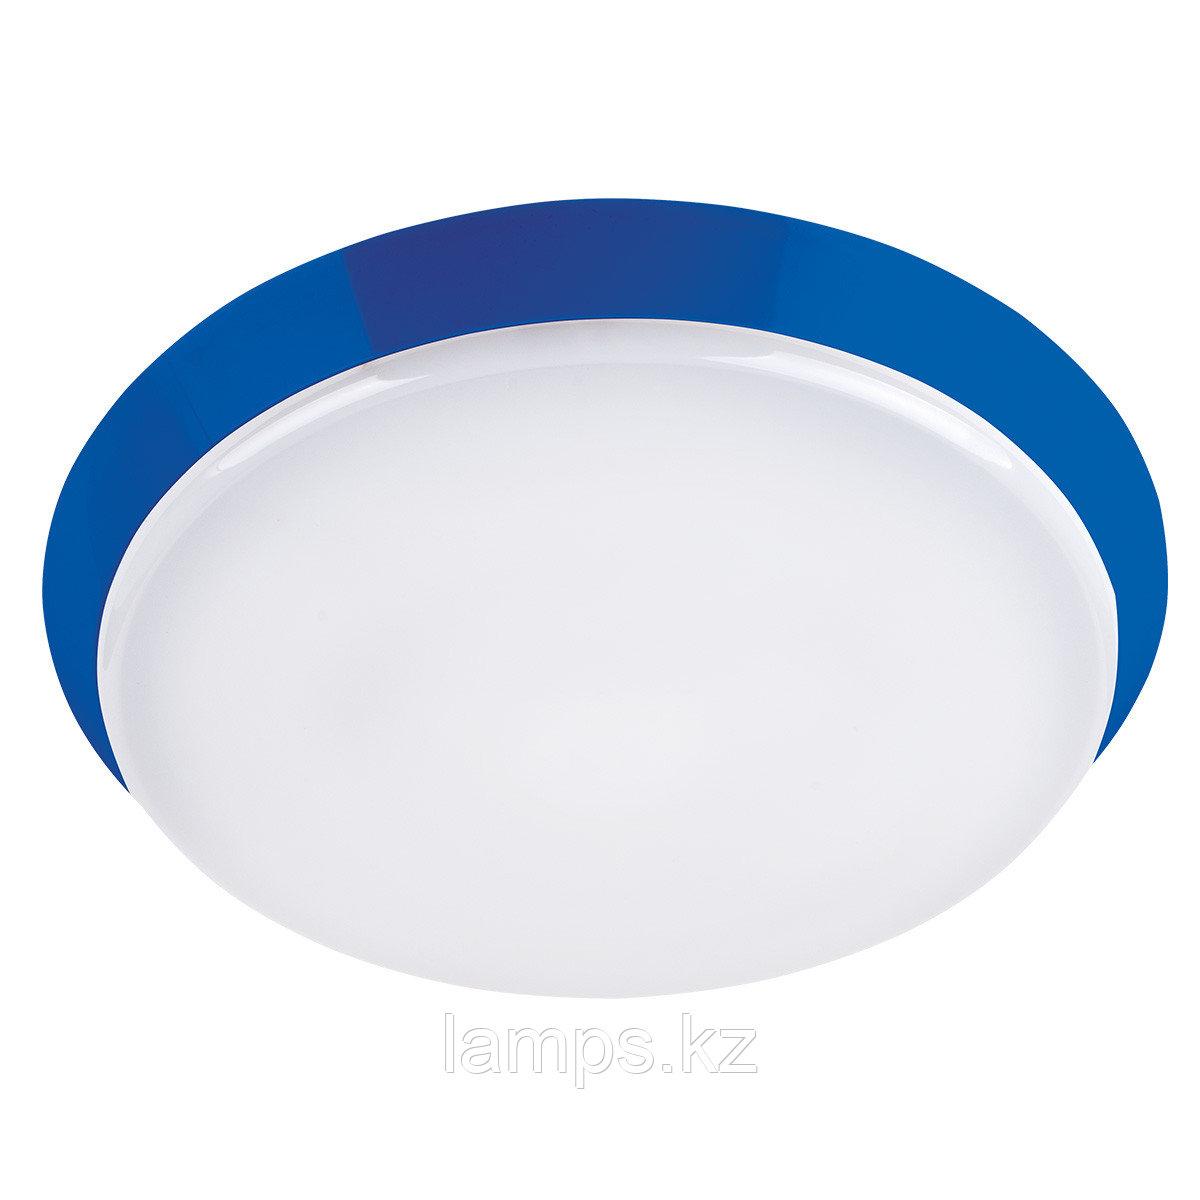 Настенно-потолочный светодиодный светильник UFO STANDART LED